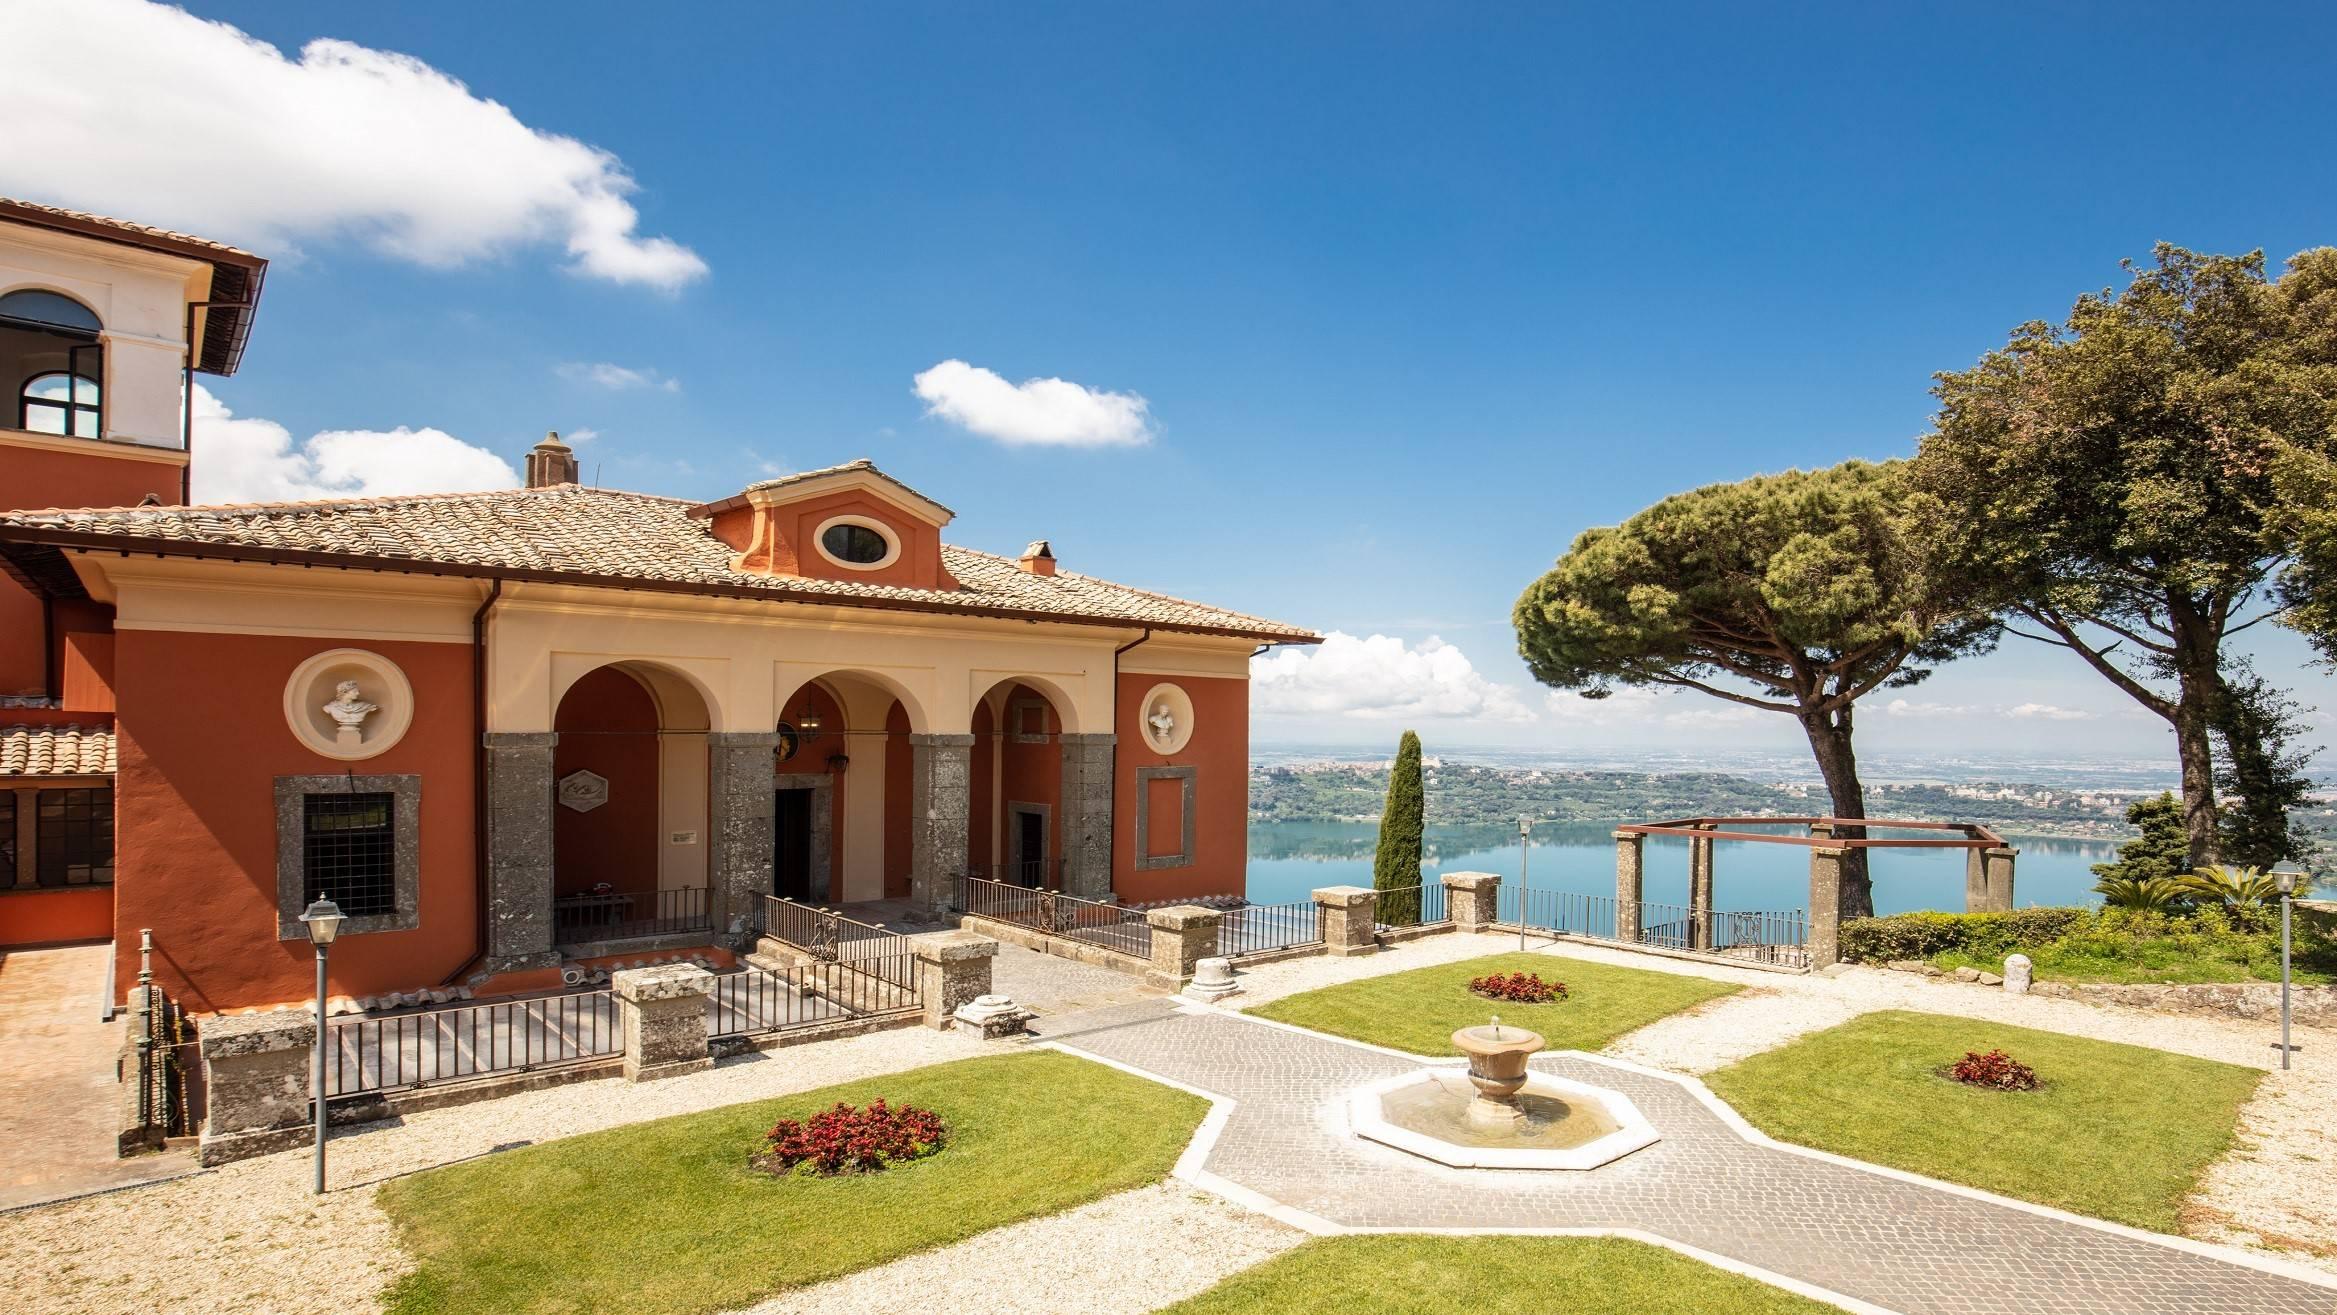 1-Villa-Del-Cardinale-Lago-Albano-Giardino-Italiana-2